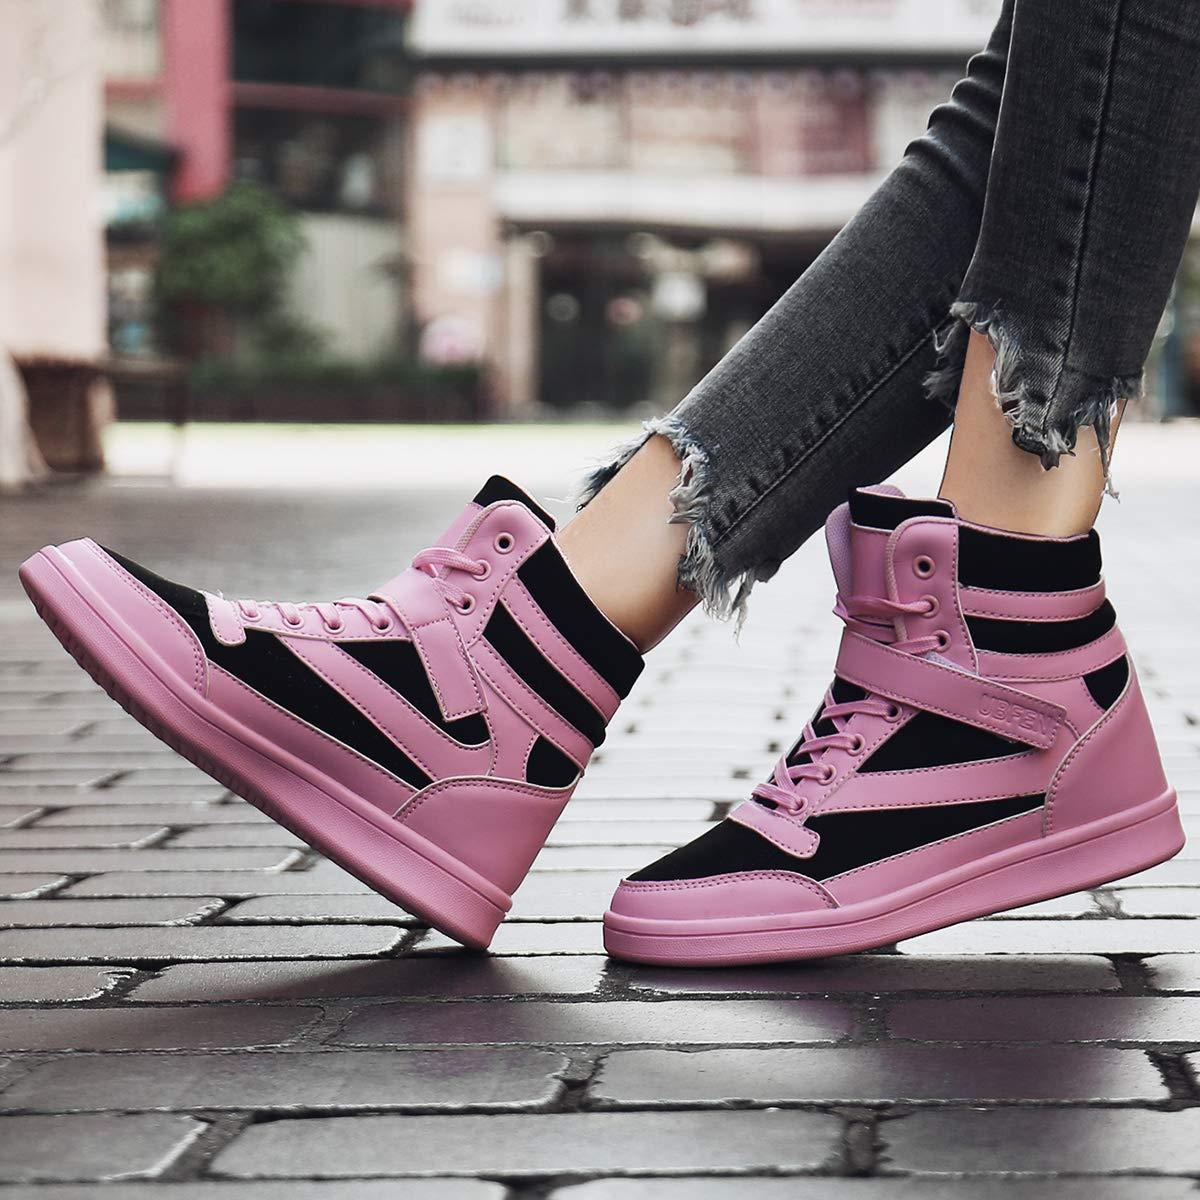 c33f5d17b UBFEN Deportivos de Cuña Mujer Zapatillas Botines Botas Deporte Zapatos  Alta Sneakers Wedges Elevador Interior Talón Ampliar imagen